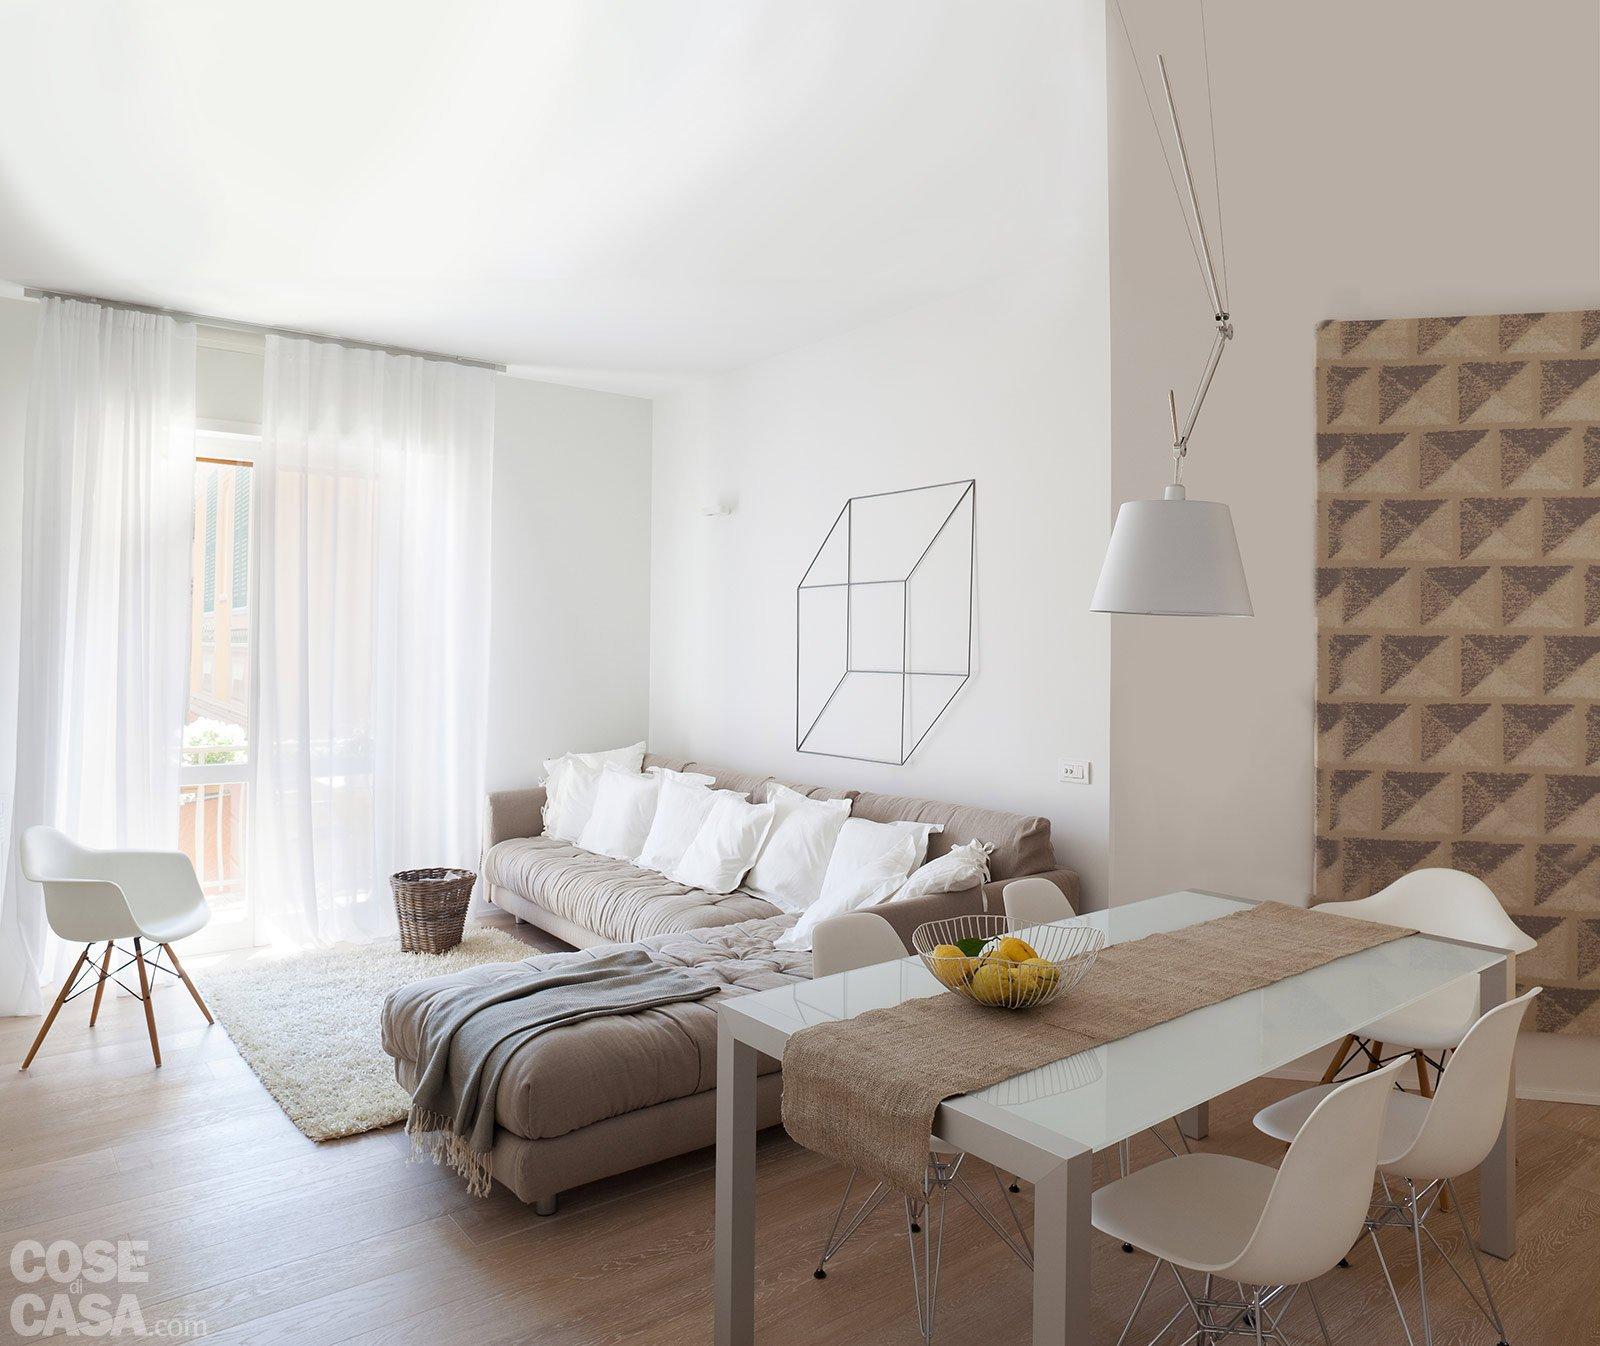 Gli arredamenti moderni proposti da la casa moderna per realizzare la tua idea di casa. 75 Mq 10 Idee Per Far Sembrare Piu Grande La Casa Cose Di Casa